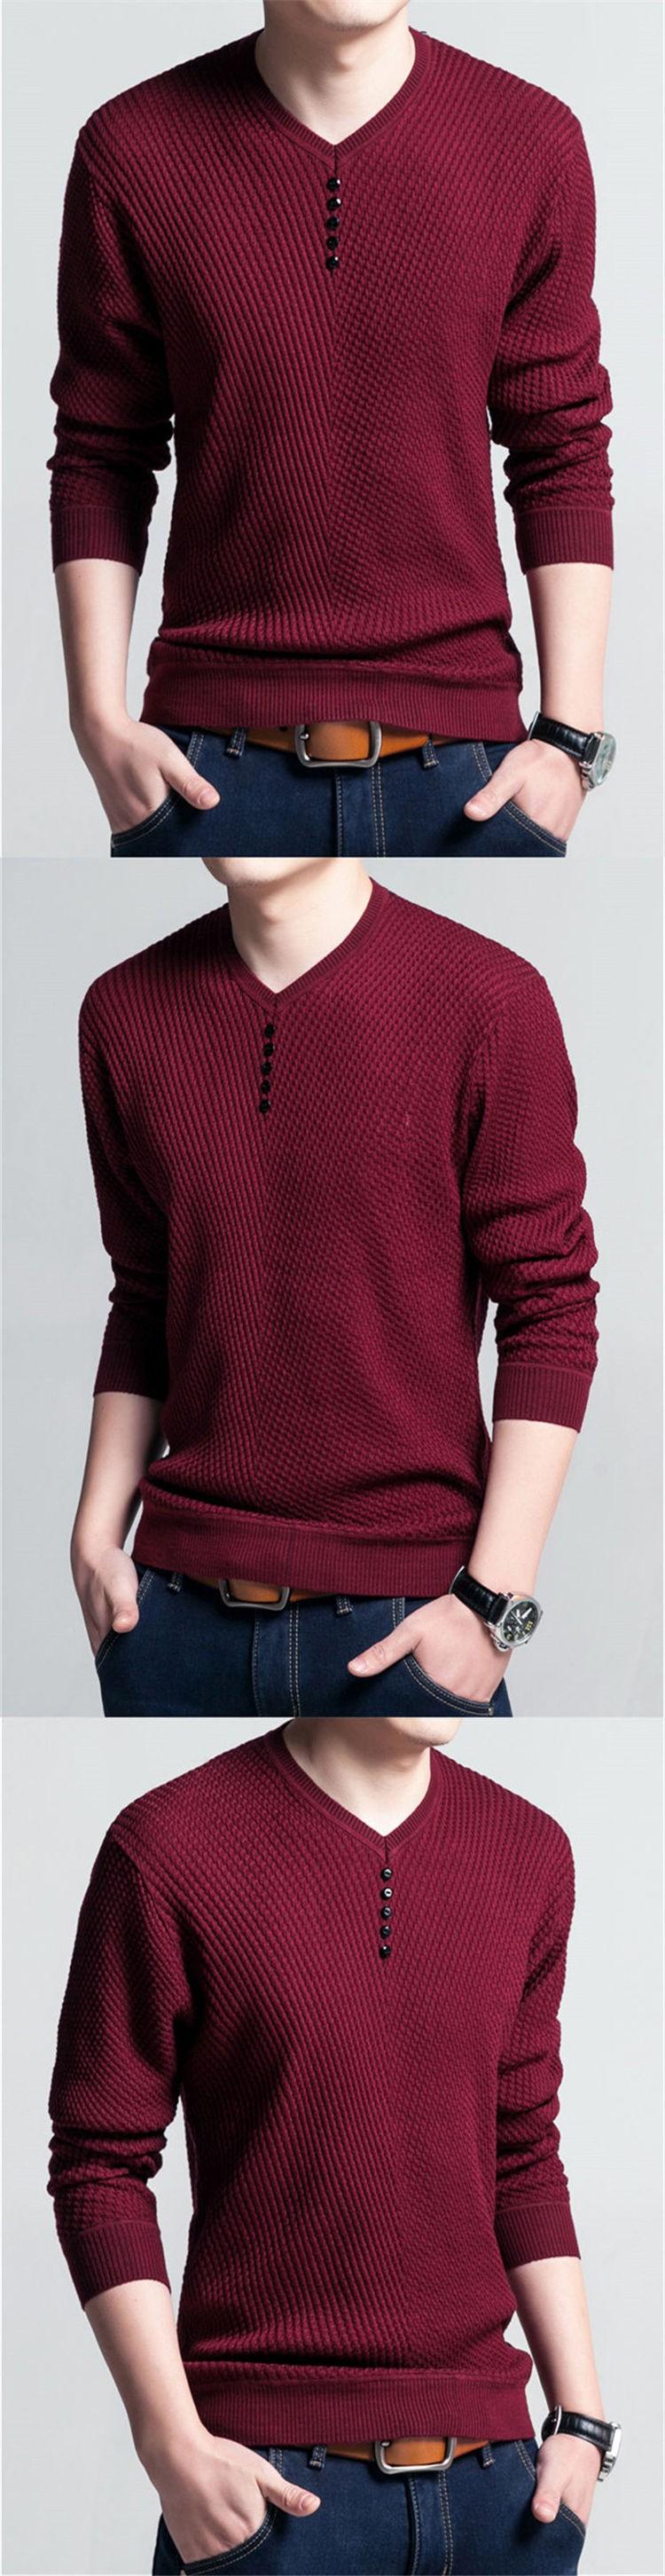 Men's V Neck Long Sleeve Shirt Sweater